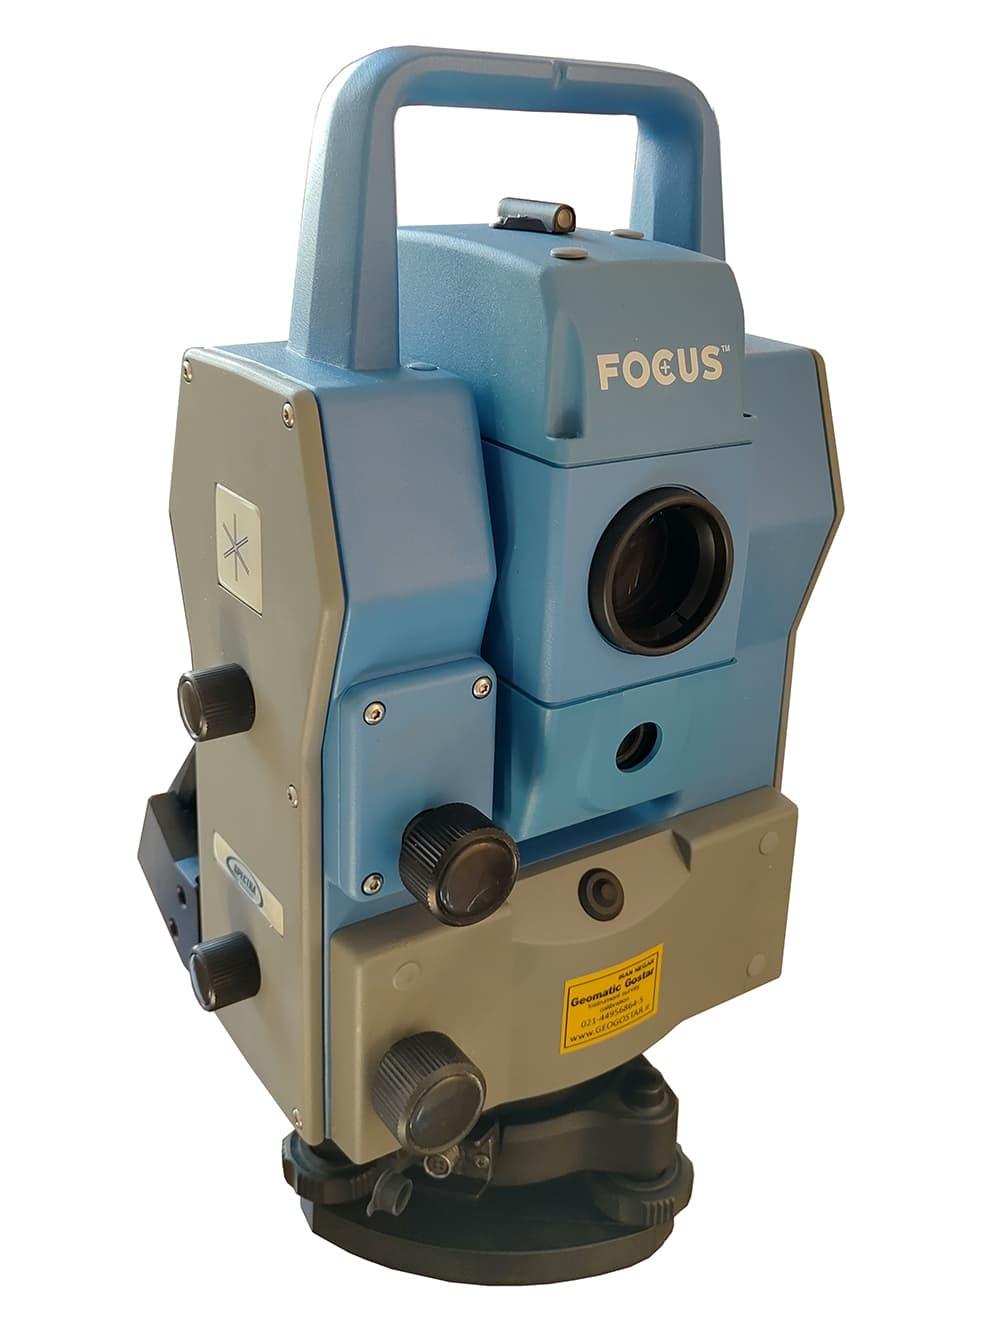 توتال استیشن Focus 5